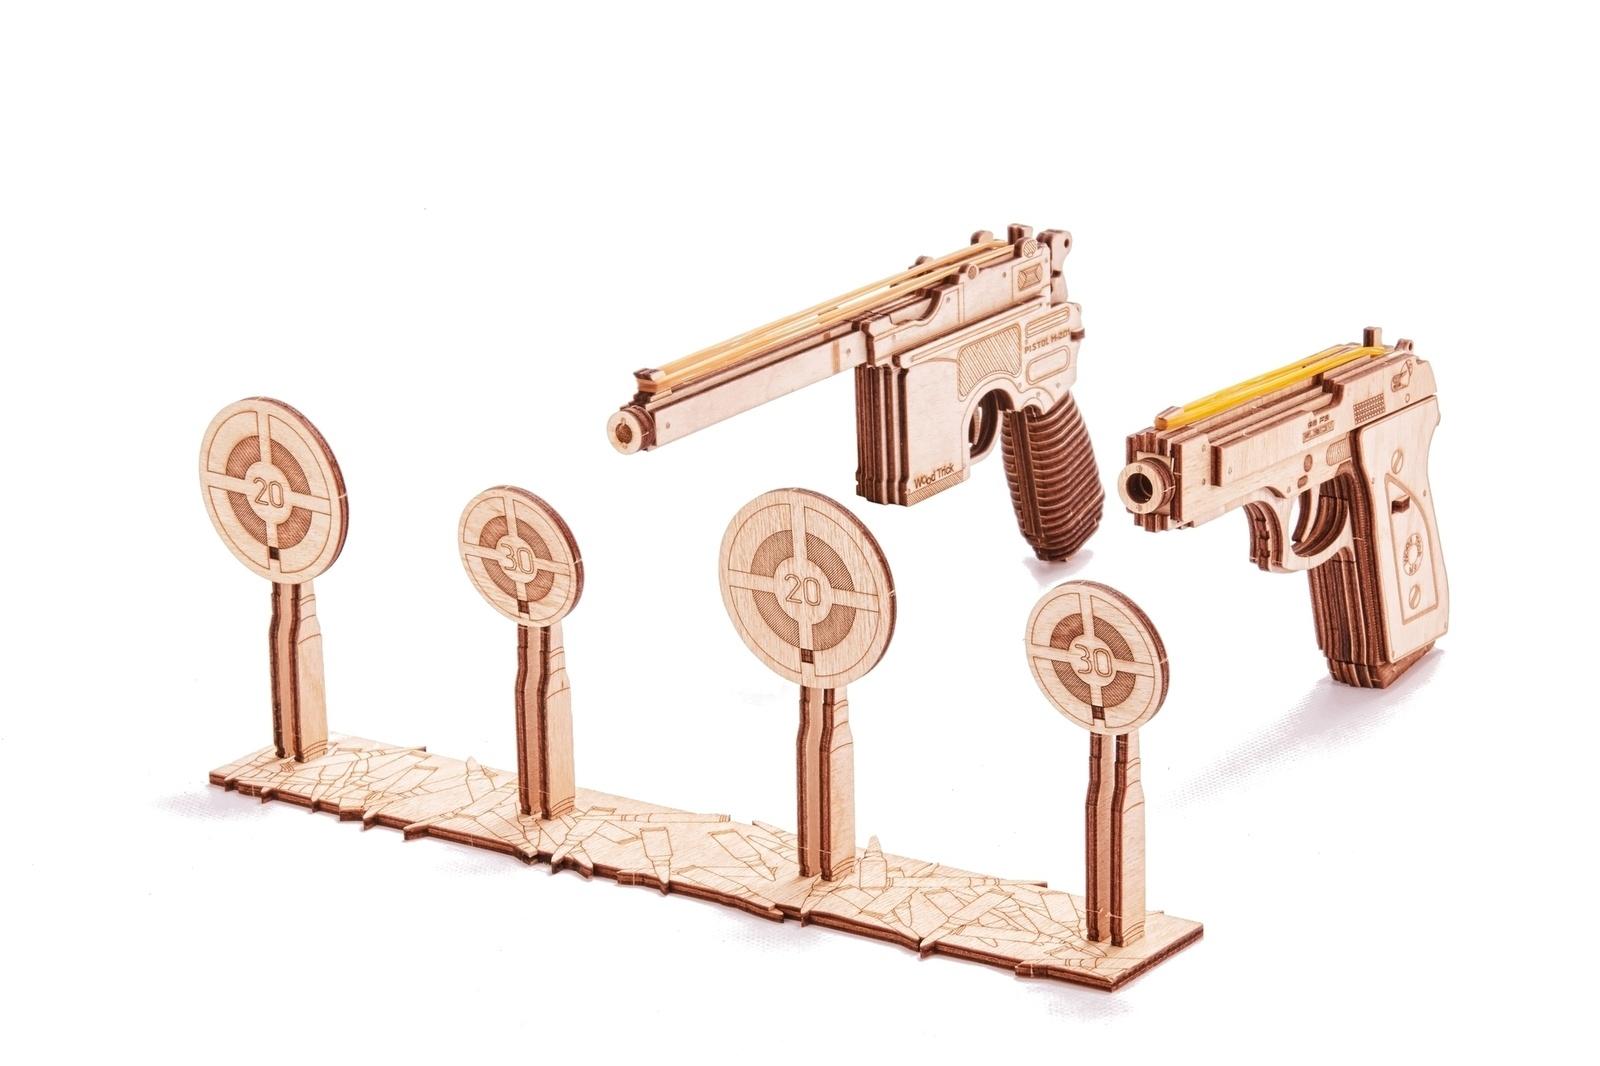 Механический конструктор из дерева Wood Trick Набор пистолетов